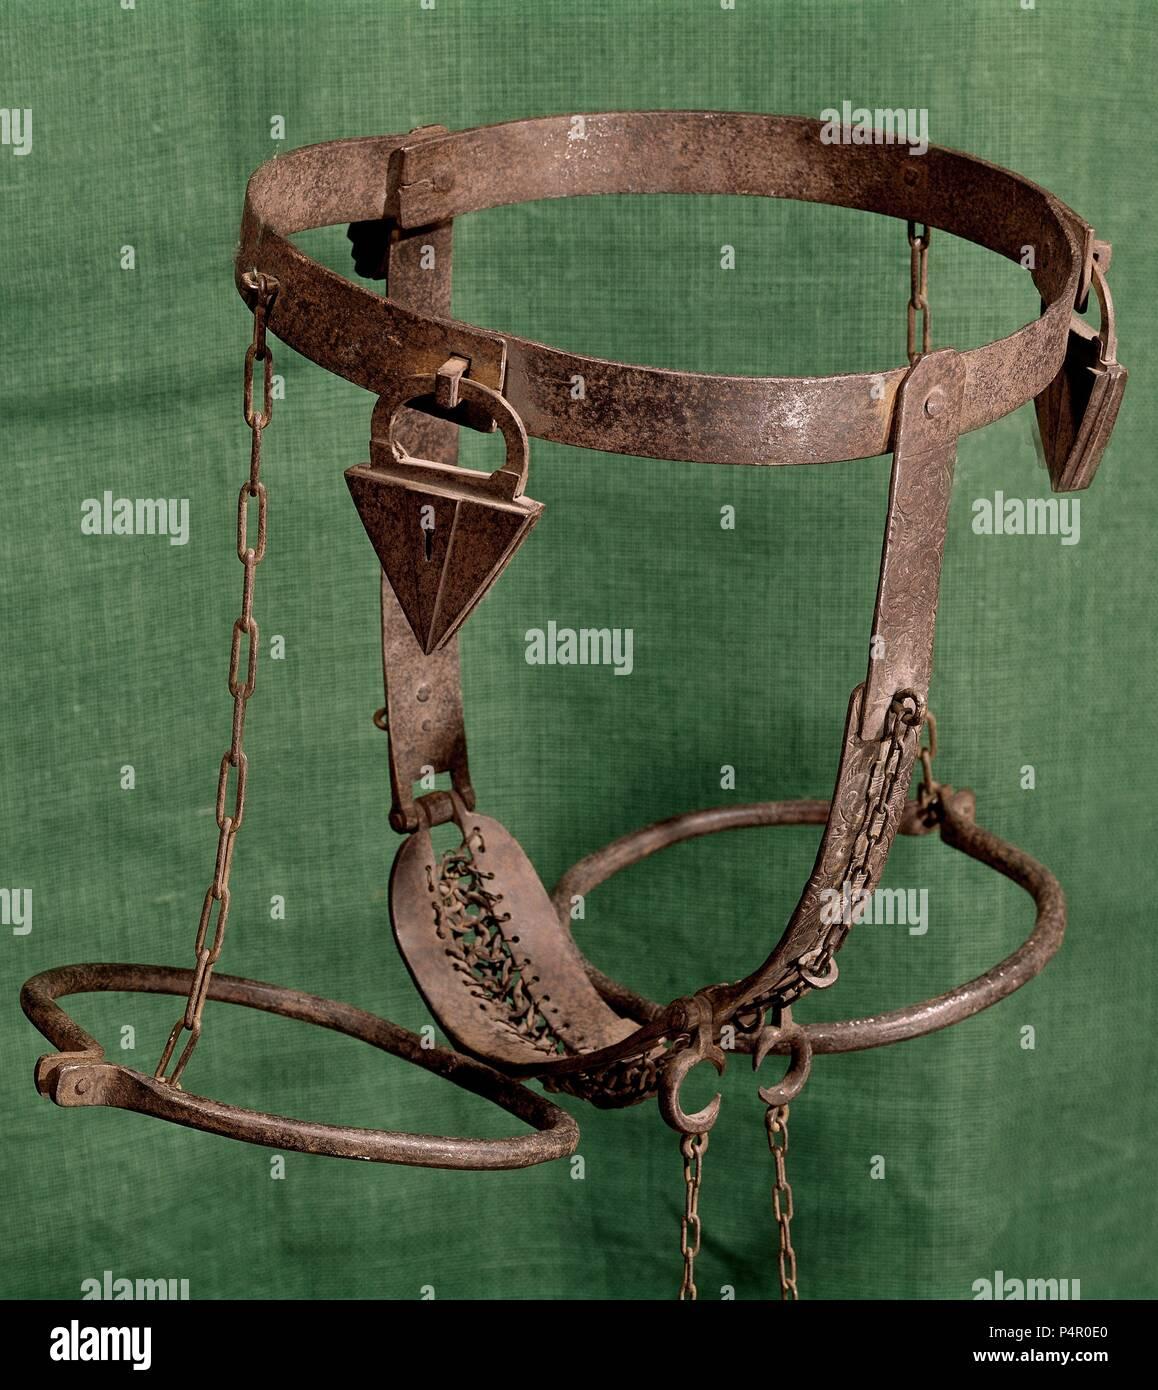 Cinturón de castidad. Ubicación: MUSEO ARQUEOLOGICO NACIONAL-COLECCION, Madrid, España. Foto de stock